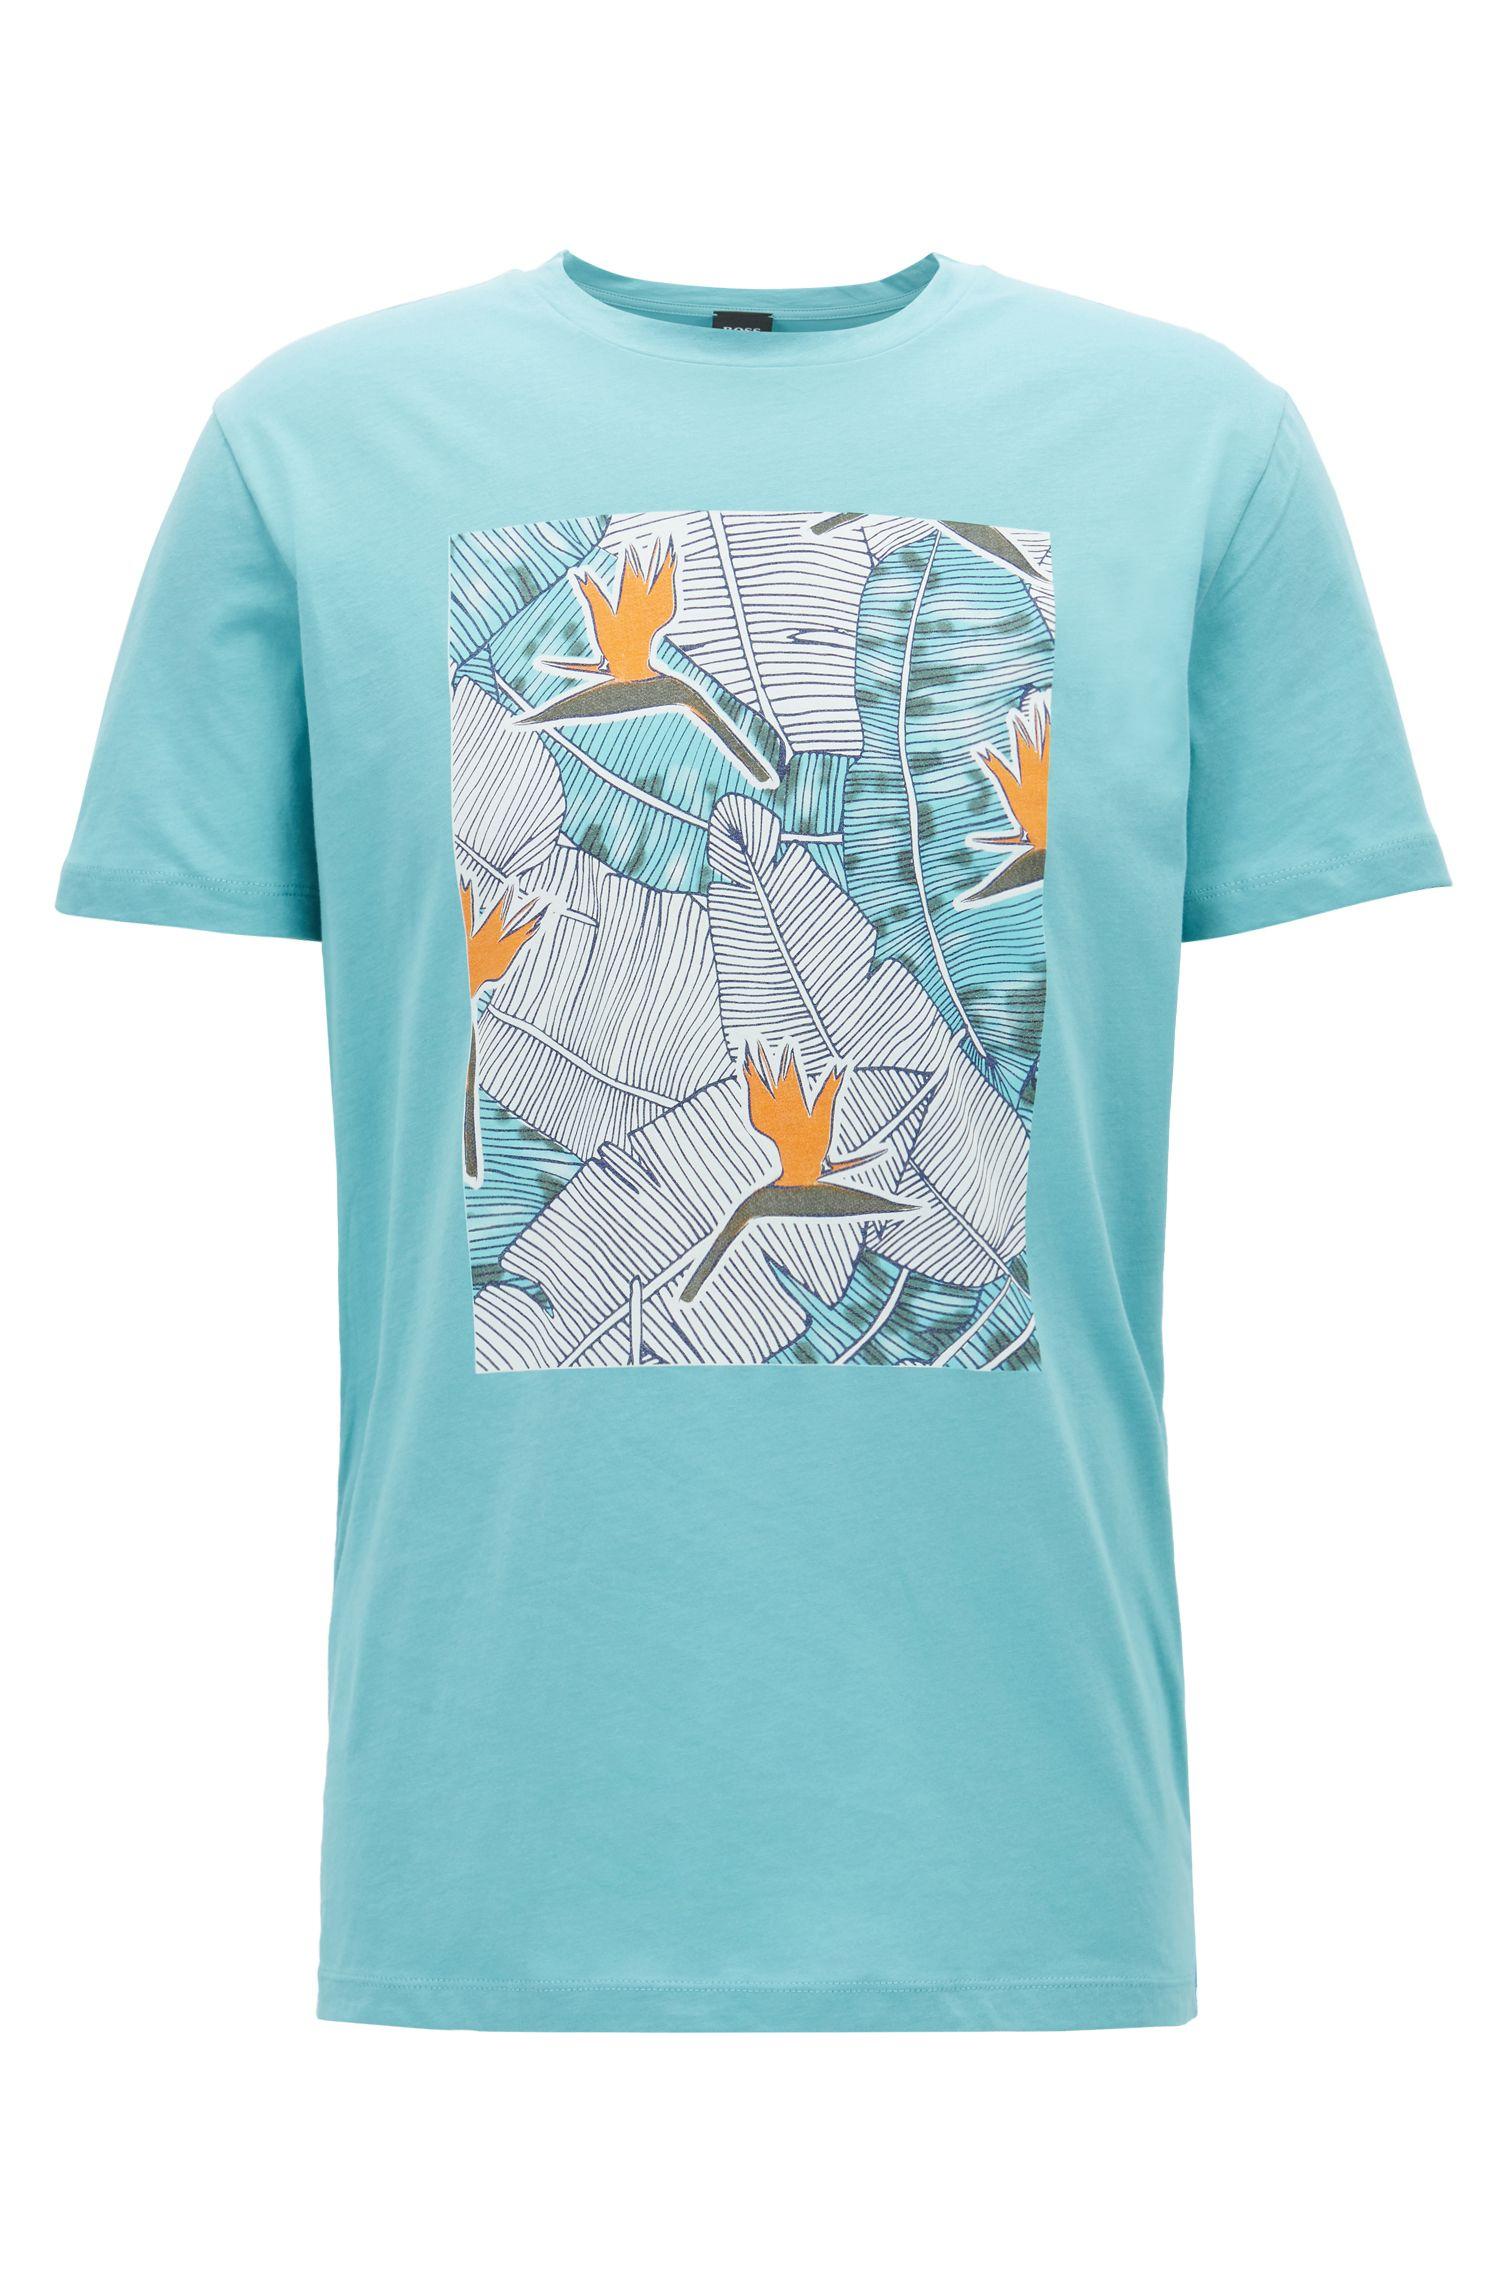 T-shirt van gewassen katoenen jersey met grafische print